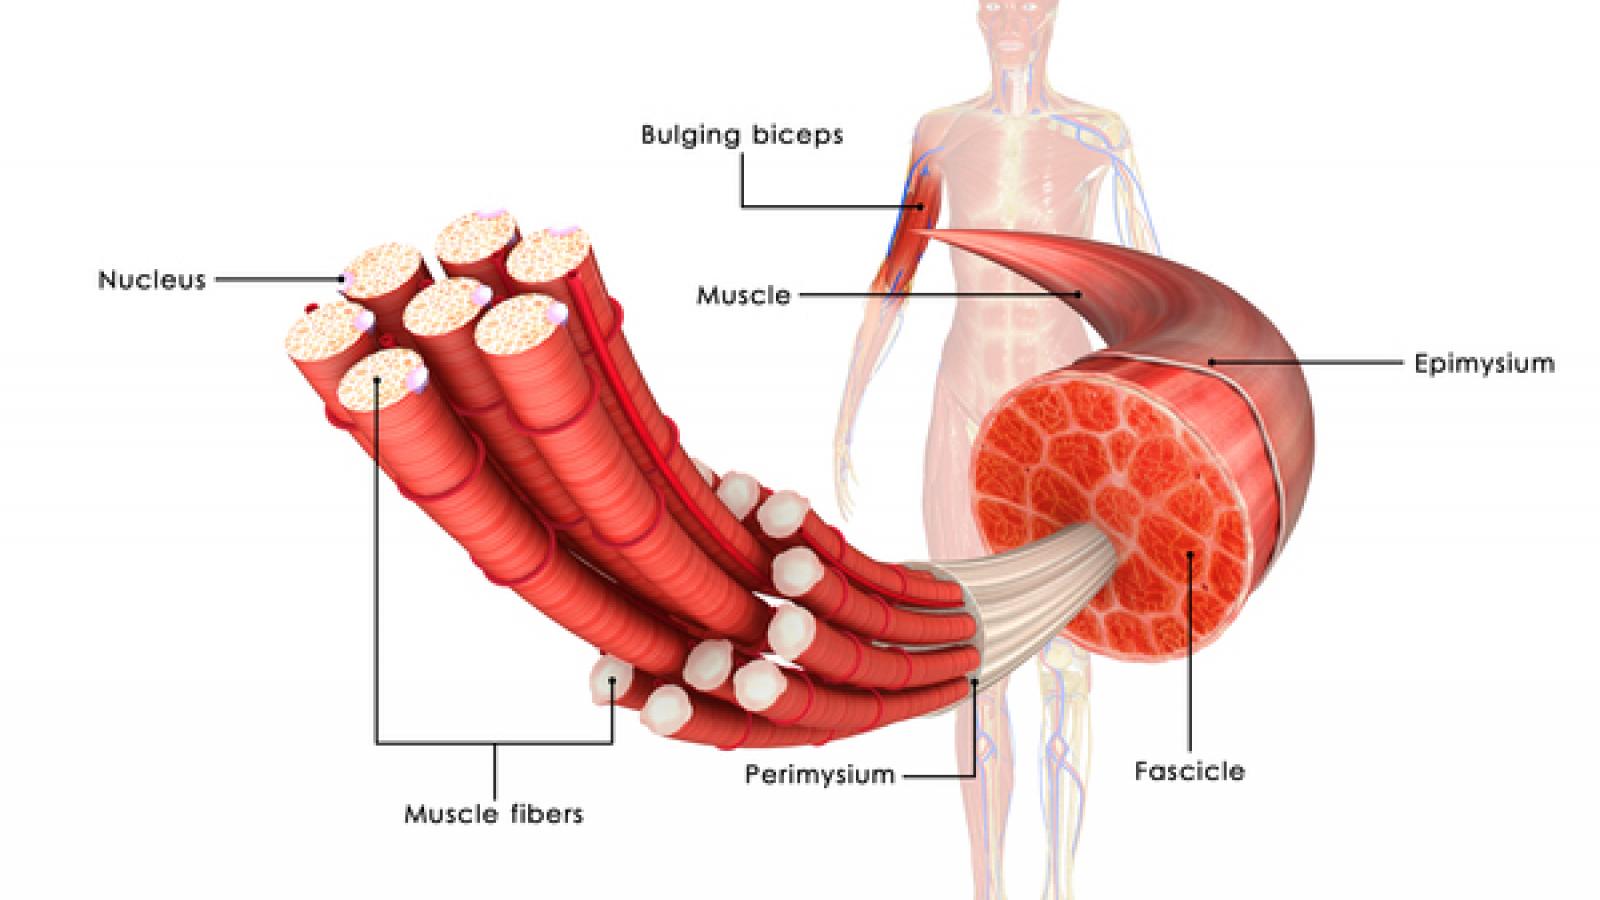 دیستروفی ماهیچه ای امری دریفوس کمیاب است.این اختلال ژنتیکی که به صورت کند پیش می رود و ماهیچه های بازو,پاها,صورت,گردن,ستون فقرات و قلب را تحت تاثیر قرار می دهد.